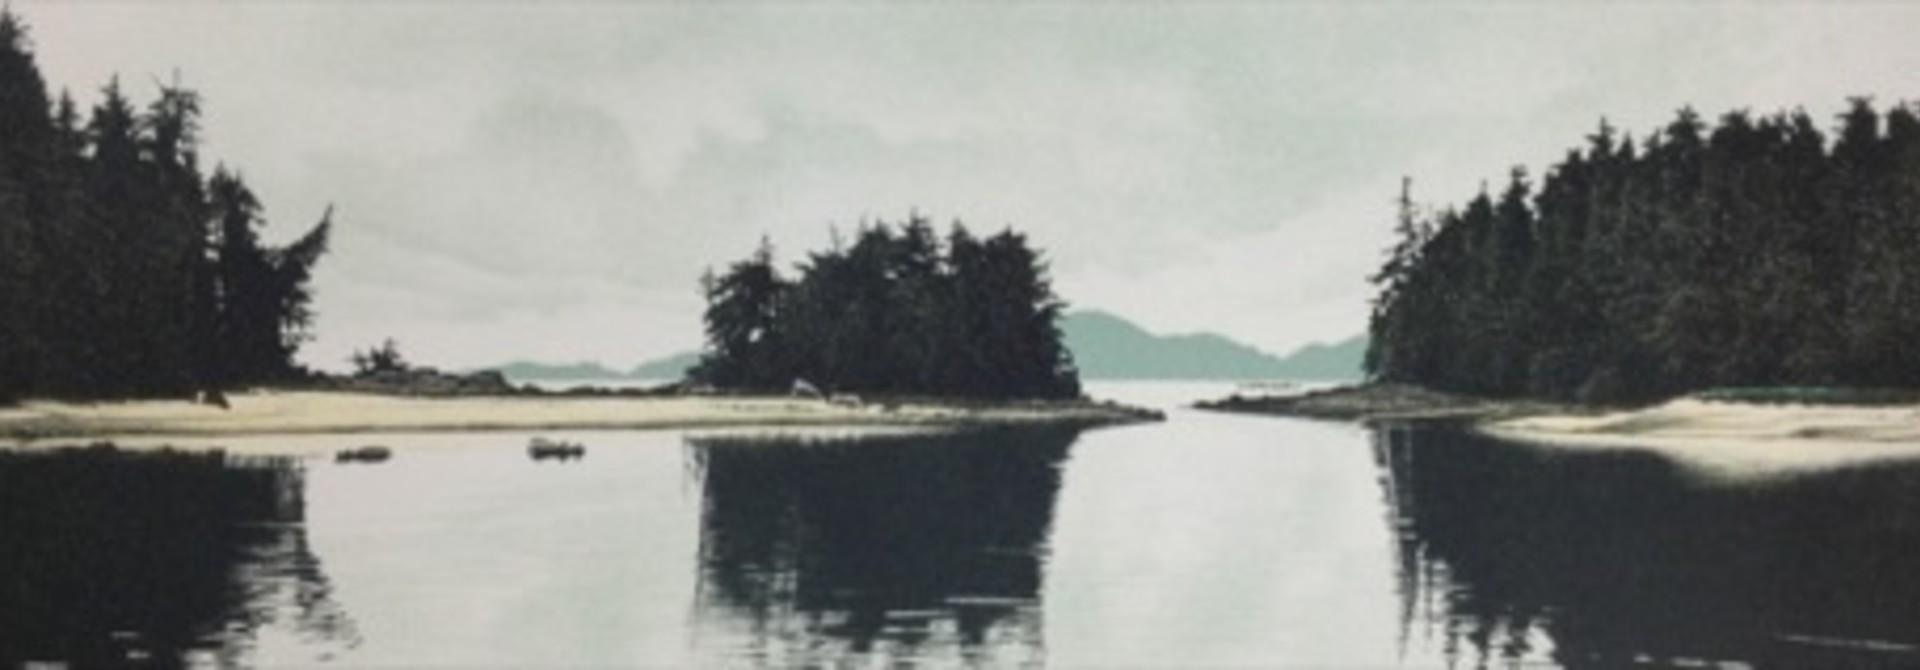 Fury Cove